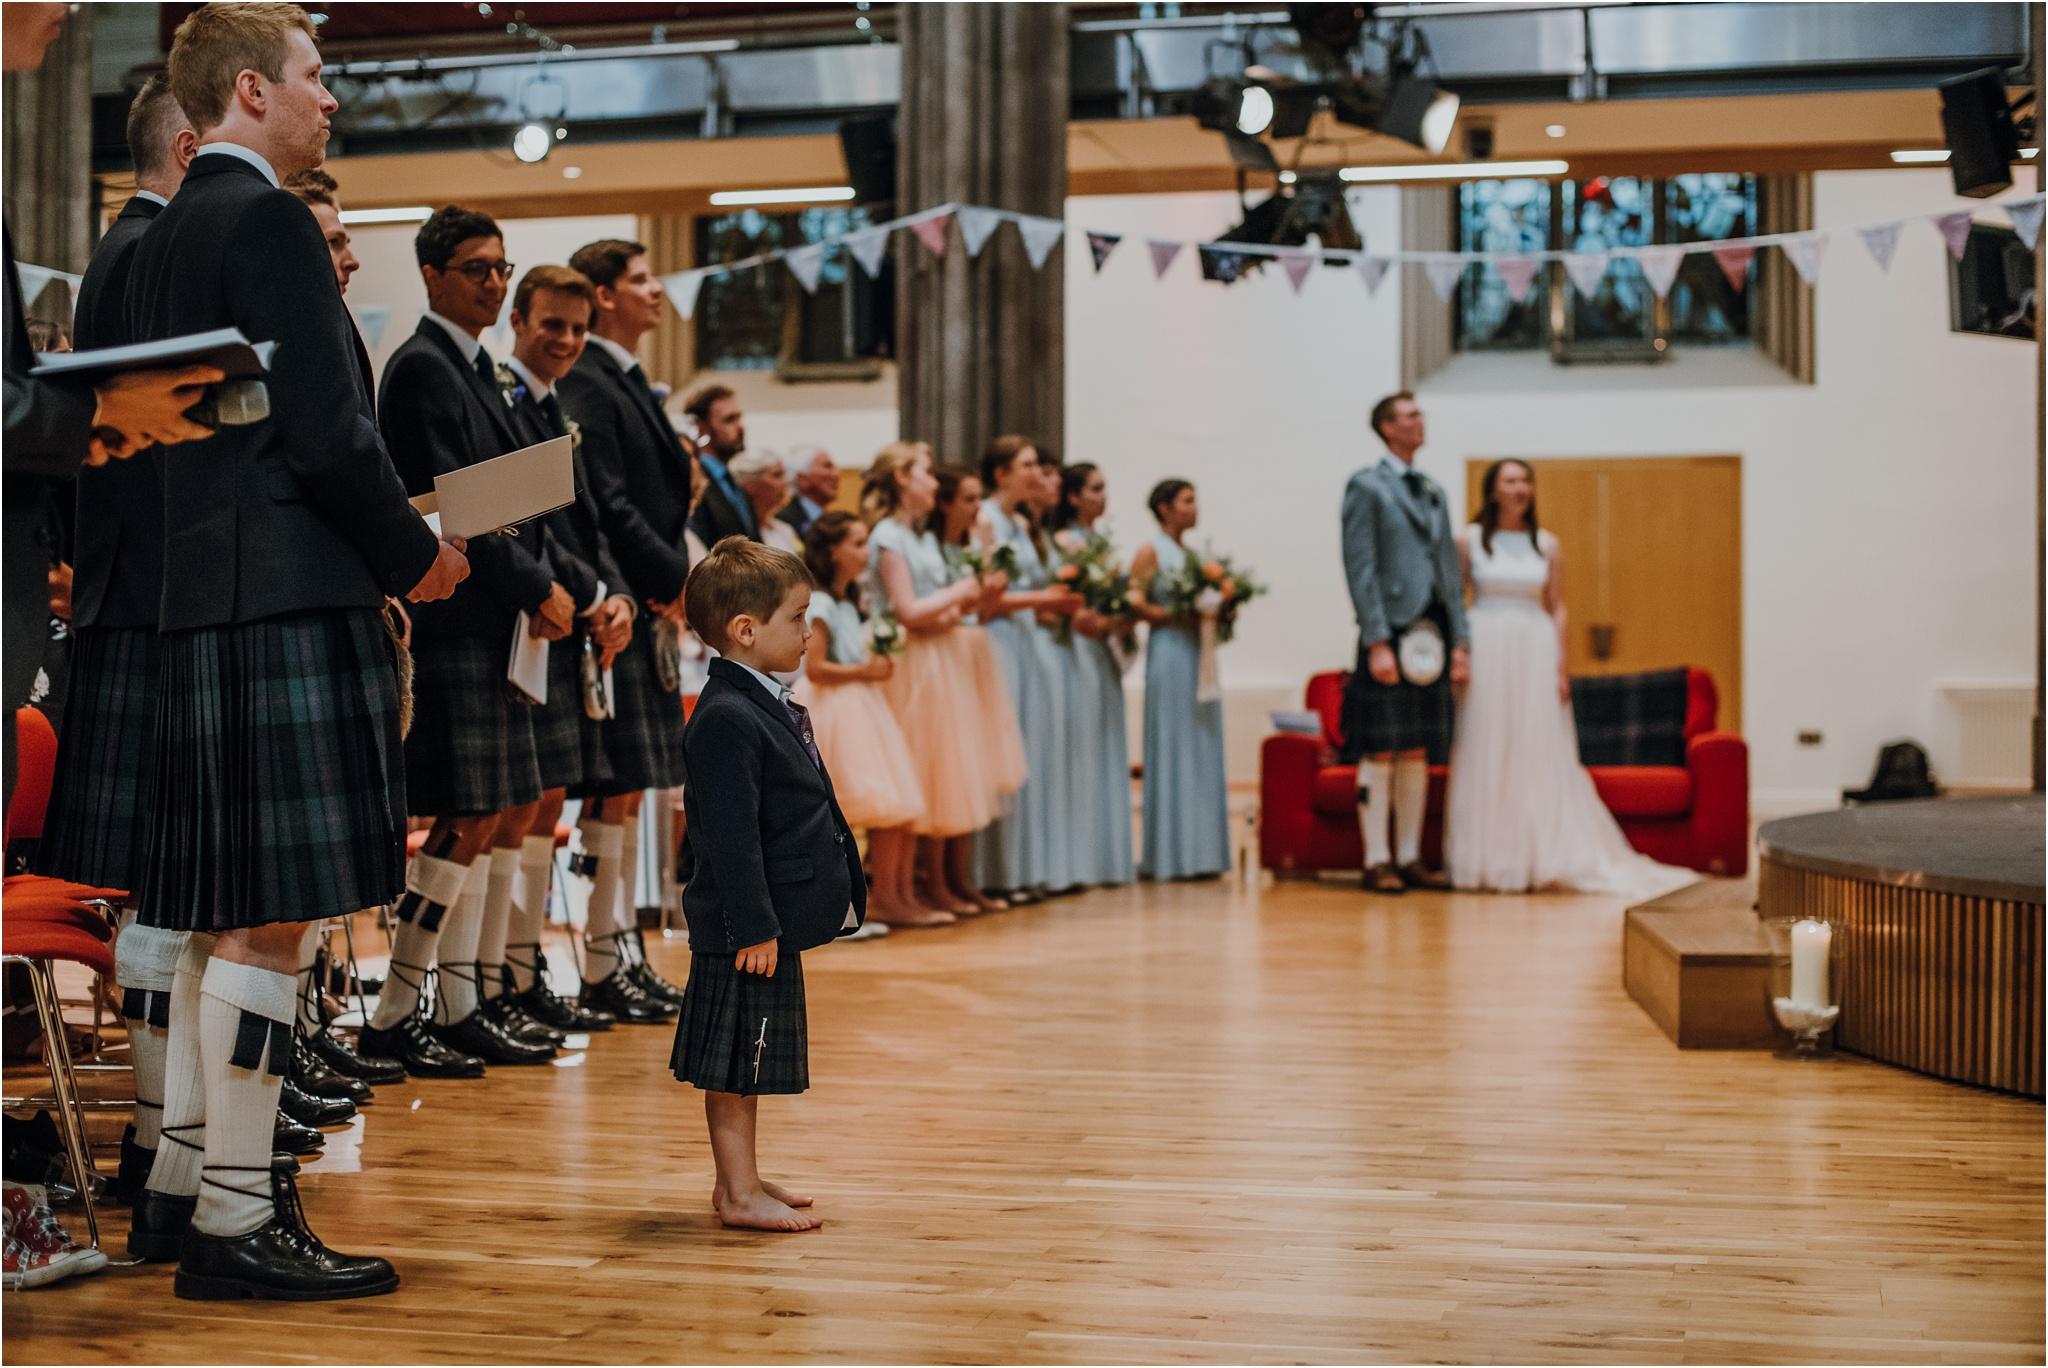 Edinburgh-barn-wedding-photographer_43.jpg